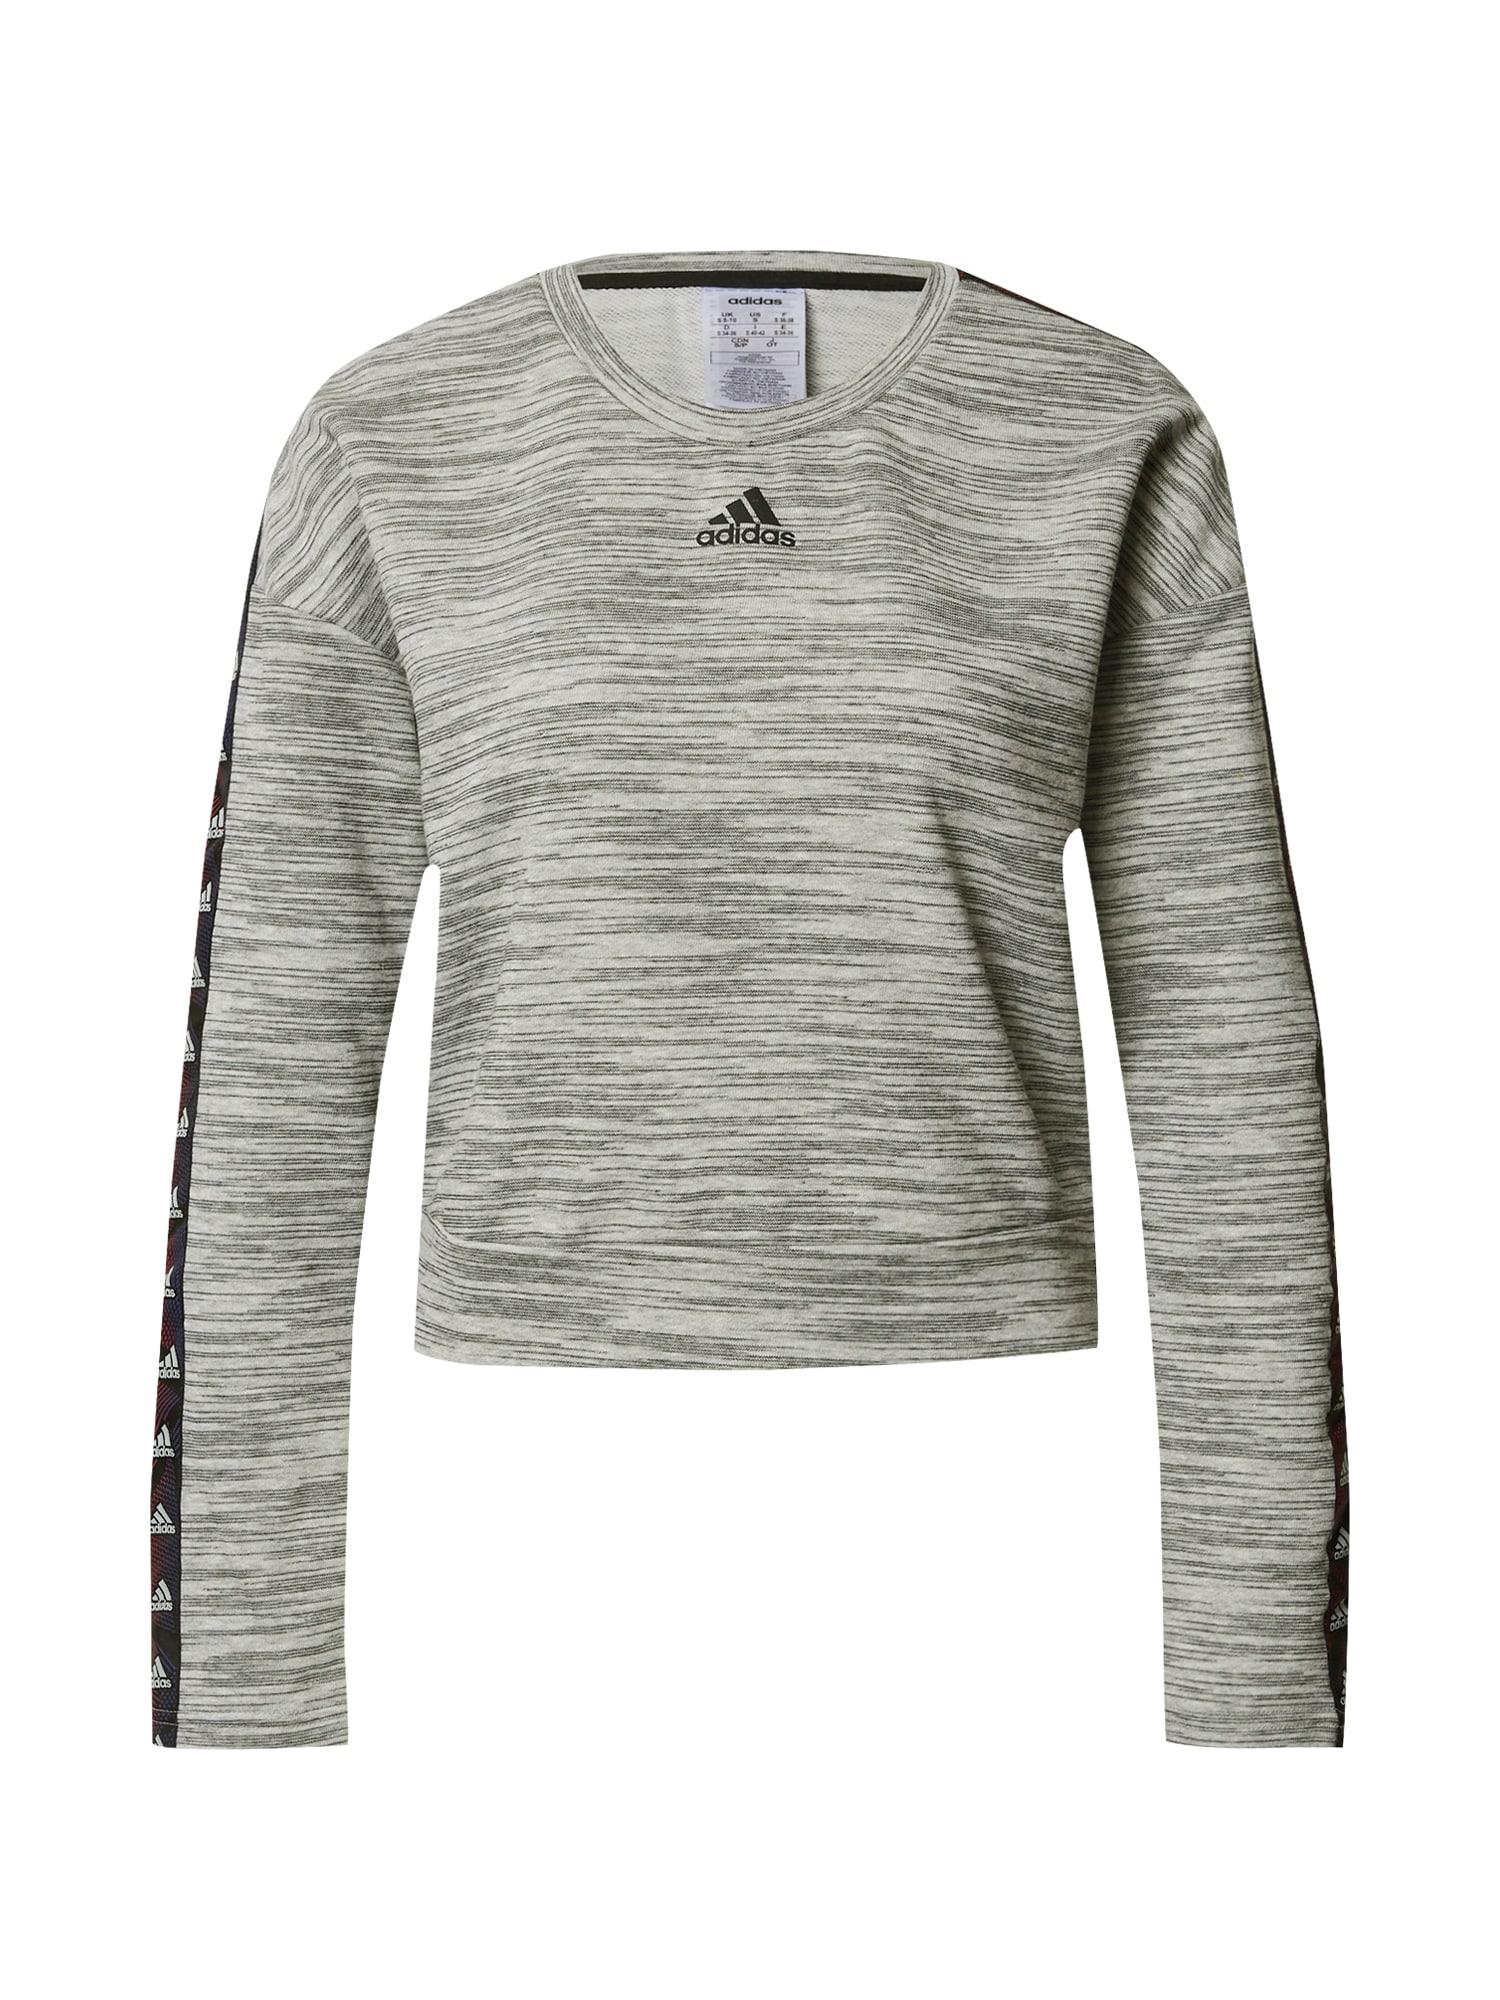 ADIDAS PERFORMANCE Sportinio tipo megztinis pilka / mišrios spalvos